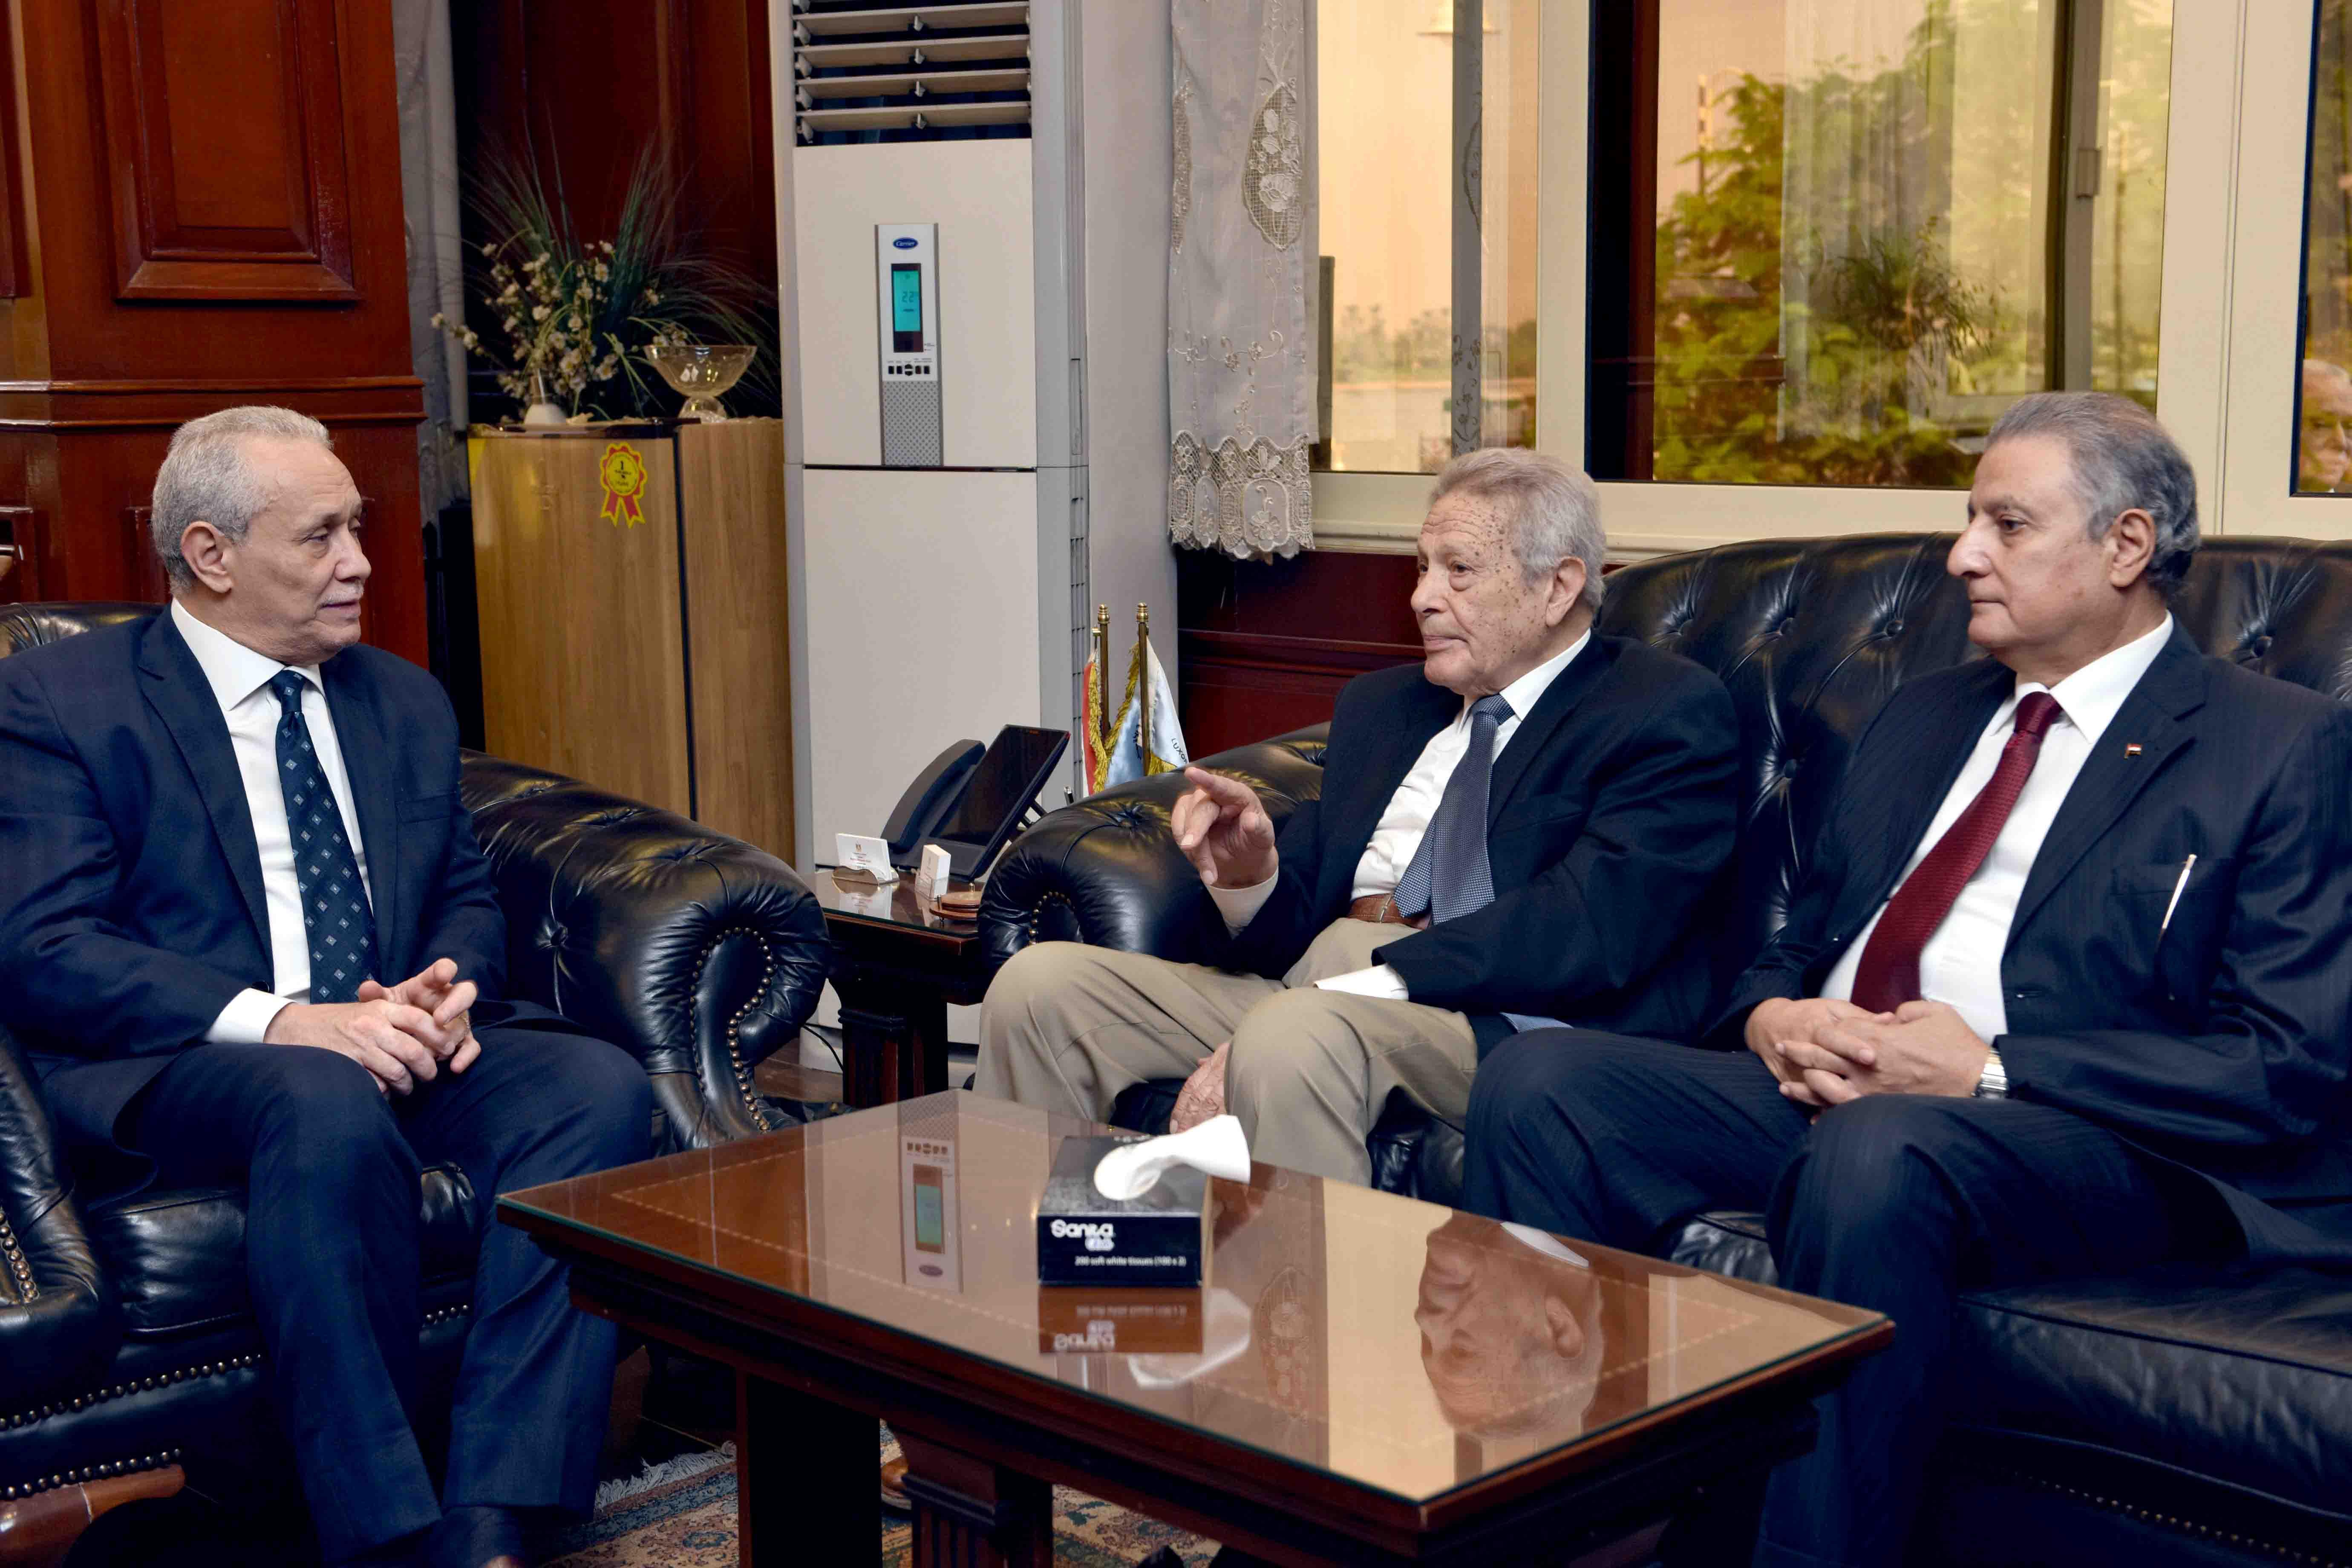 محافظ الأقصر يلتقي بمجلس إدارة مكتبات مصر لبحث إفتتاح مكتبة جديدة بمدينة طيبة (2)